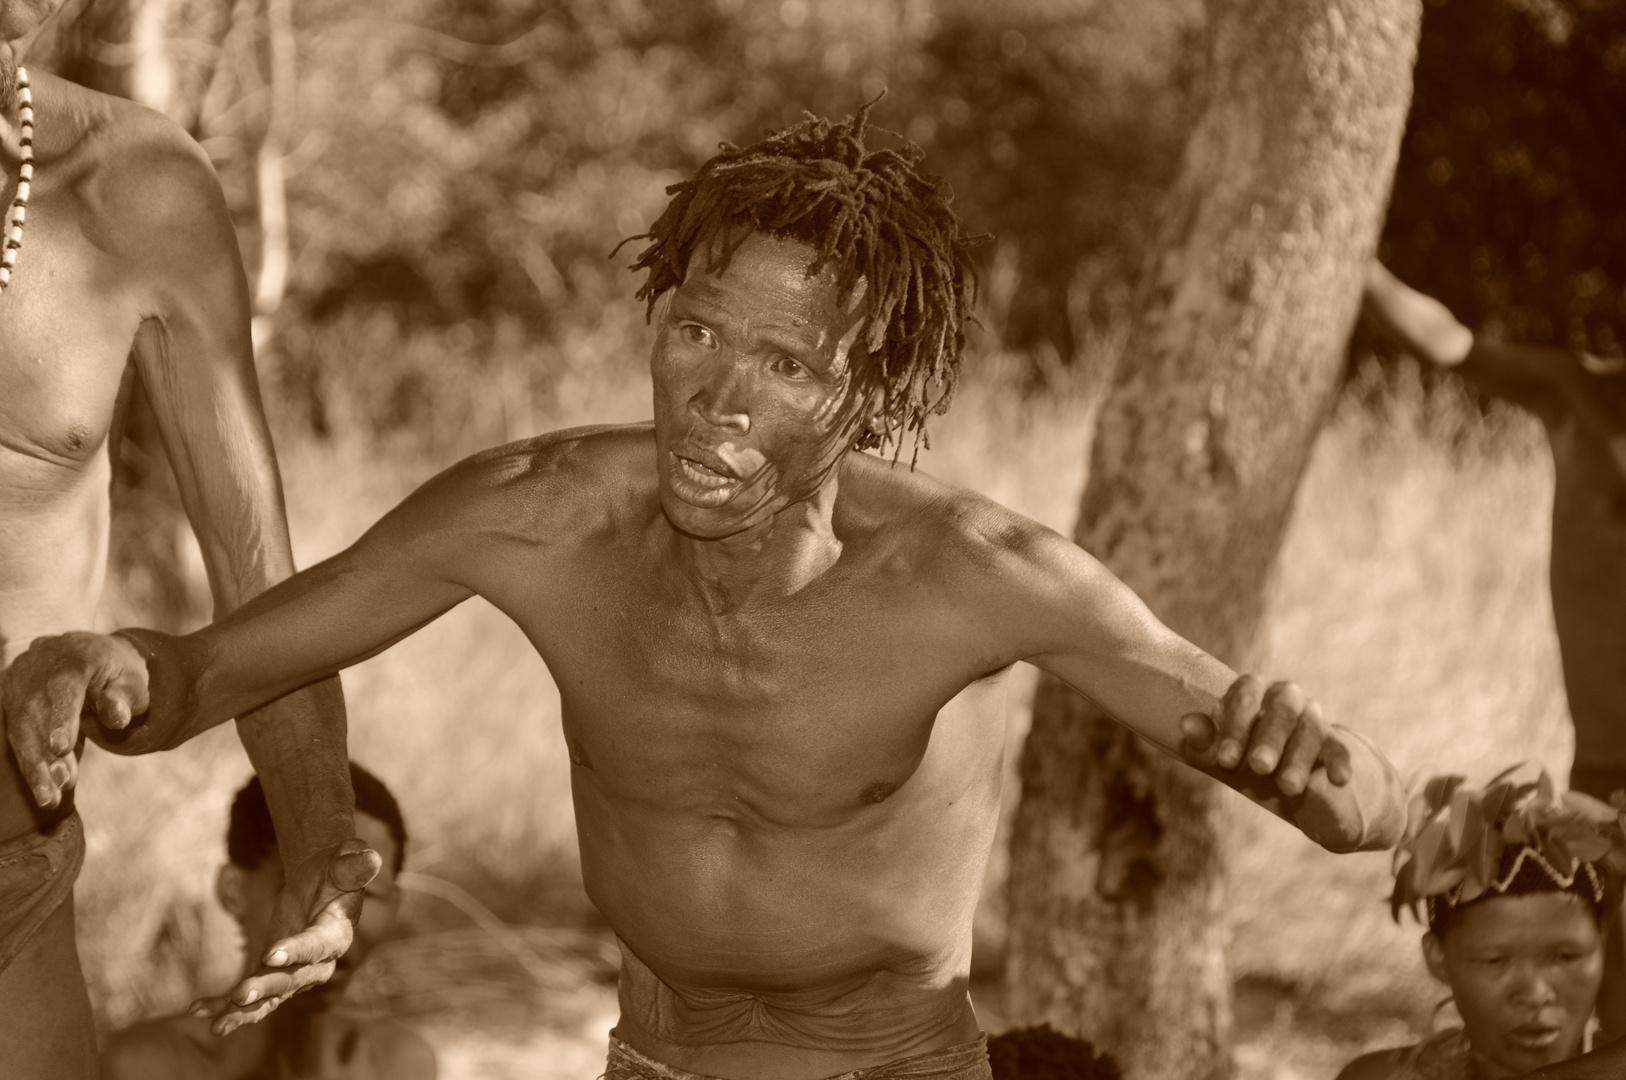 Tanz der Bushmen, Namibia